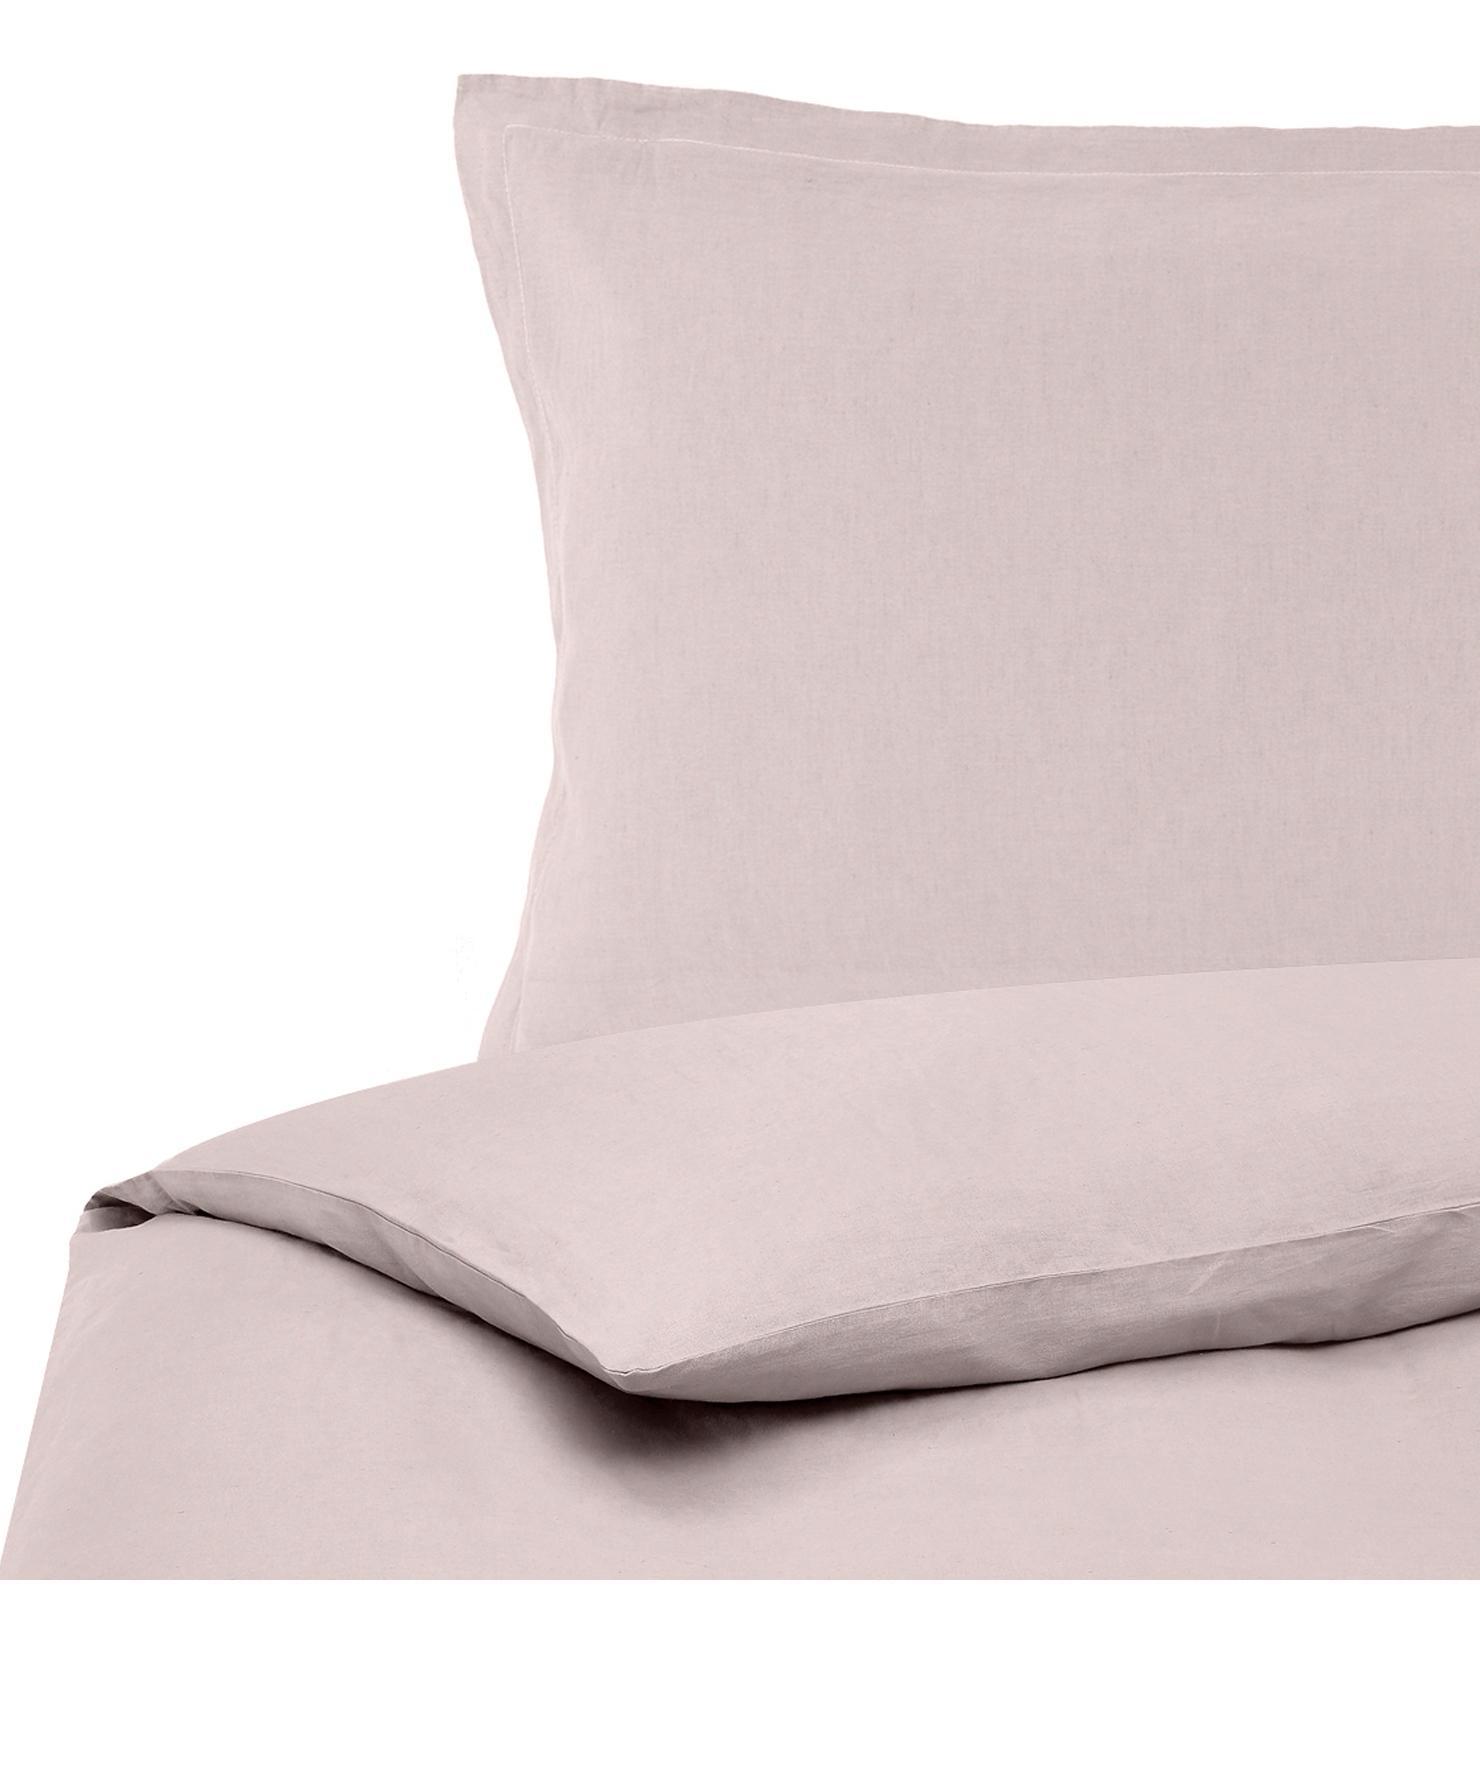 Gewaschene Leinen-Bettwäsche Nature in Altrosa, Halbleinen (52% Leinen, 48% Baumwolle)  Fadendichte 108 TC, Standard Qualität  Halbleinen hat von Natur aus einen kernigen Griff und einen natürlichen Knitterlook, der durch den Stonewash-Effekt verstärkt wird. Es absorbiert bis zu 35% Luftfeuchtigkeit, trocknet sehr schnell und wirkt in Sommernächten angenehm kühlend. Die hohe Reißfestigkeit macht Halbleinen scheuerfest und strapazierfähig., Altrosa, 155 x 220 cm + 1 Kissen 80 x 80 cm